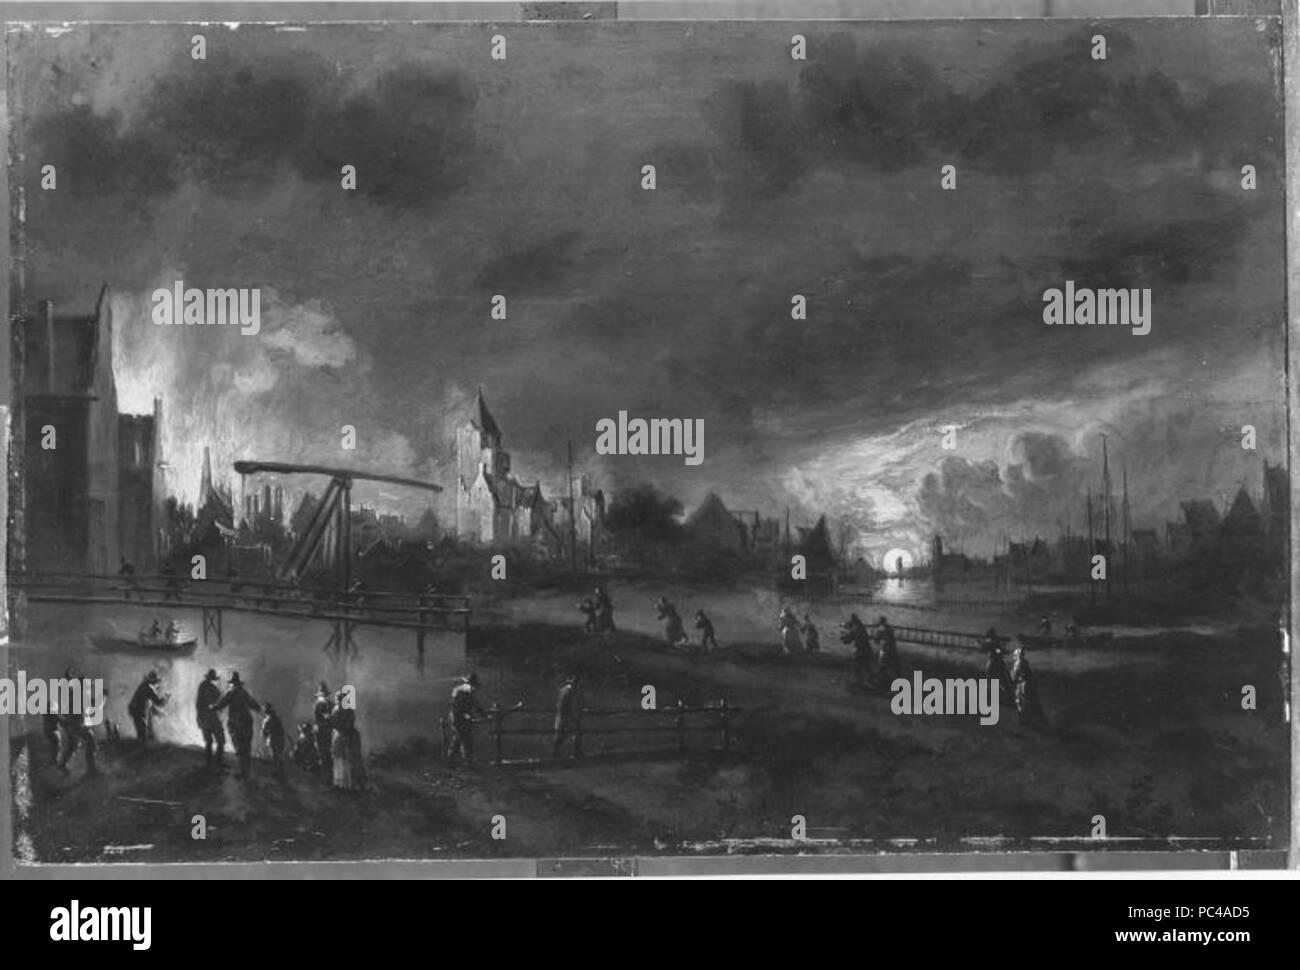 Aert van der Neer (Kopie nach) - Feuerbrunst bei Vollmond - 6294 - - Stock Image